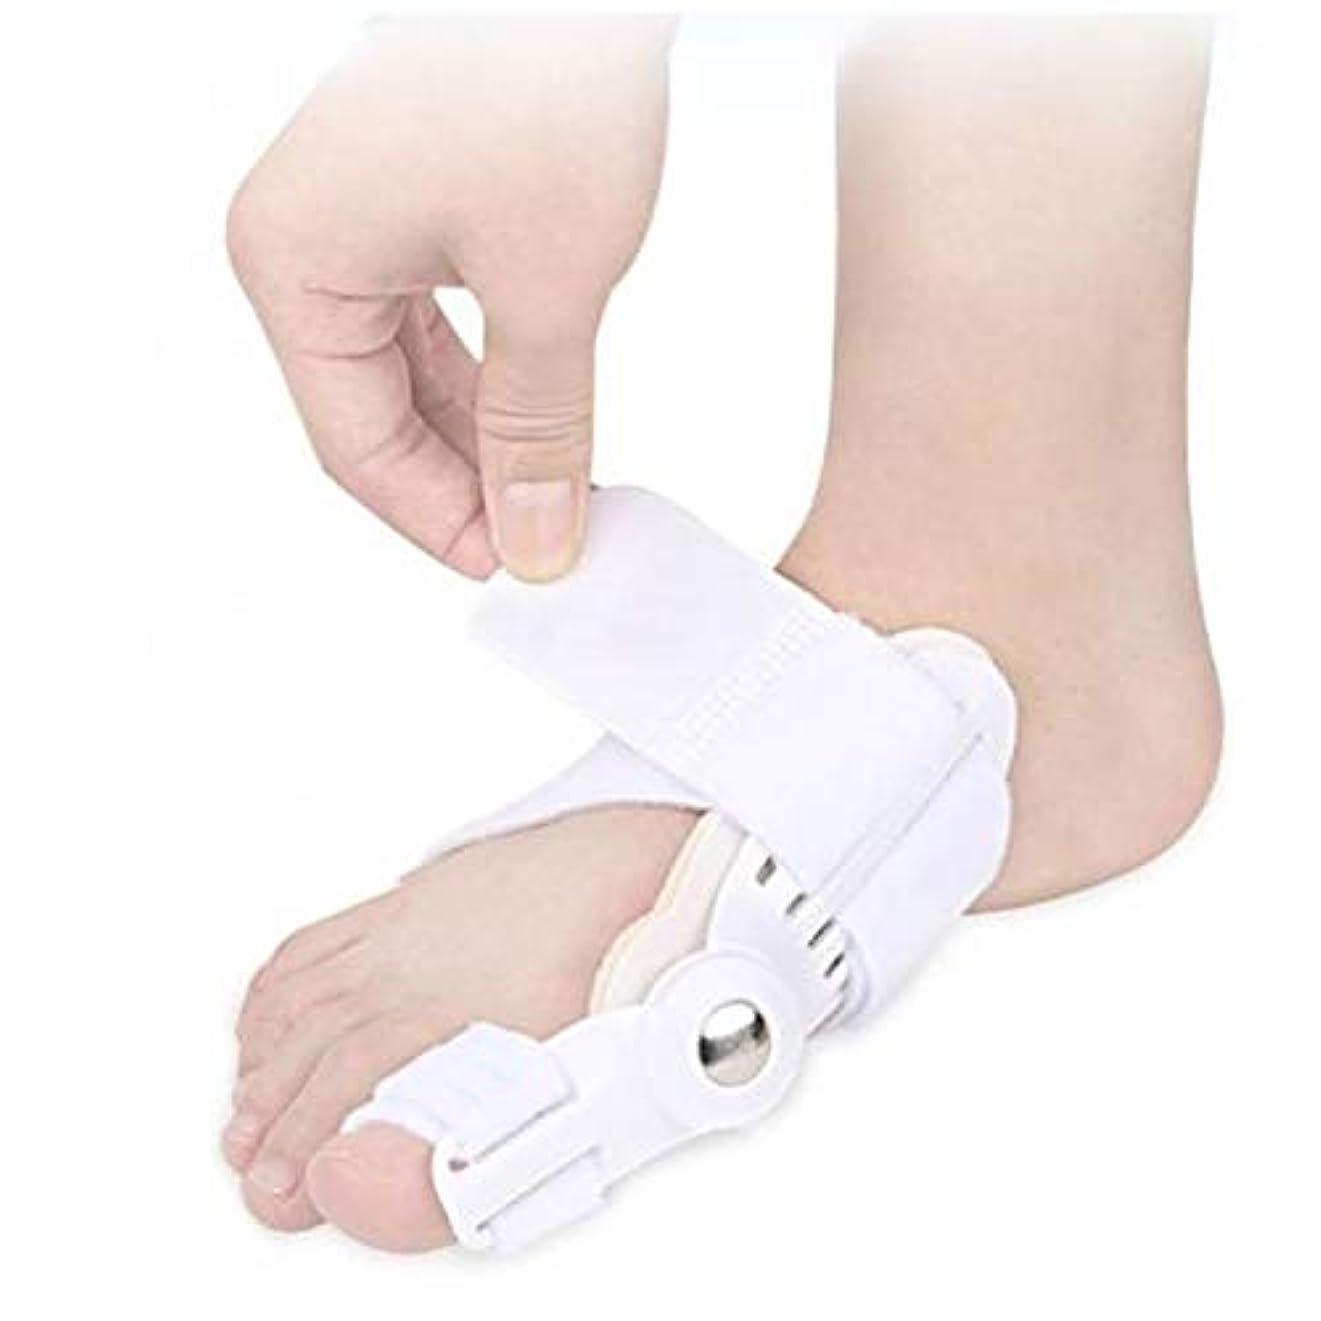 換気ジム確保する[XPデザイン] 外反母趾 矯正 ケア ベルト ガード 固定 タイプ サポーター 指間 足指 親指固定 親指ジェルパッド付き (白色 1個)